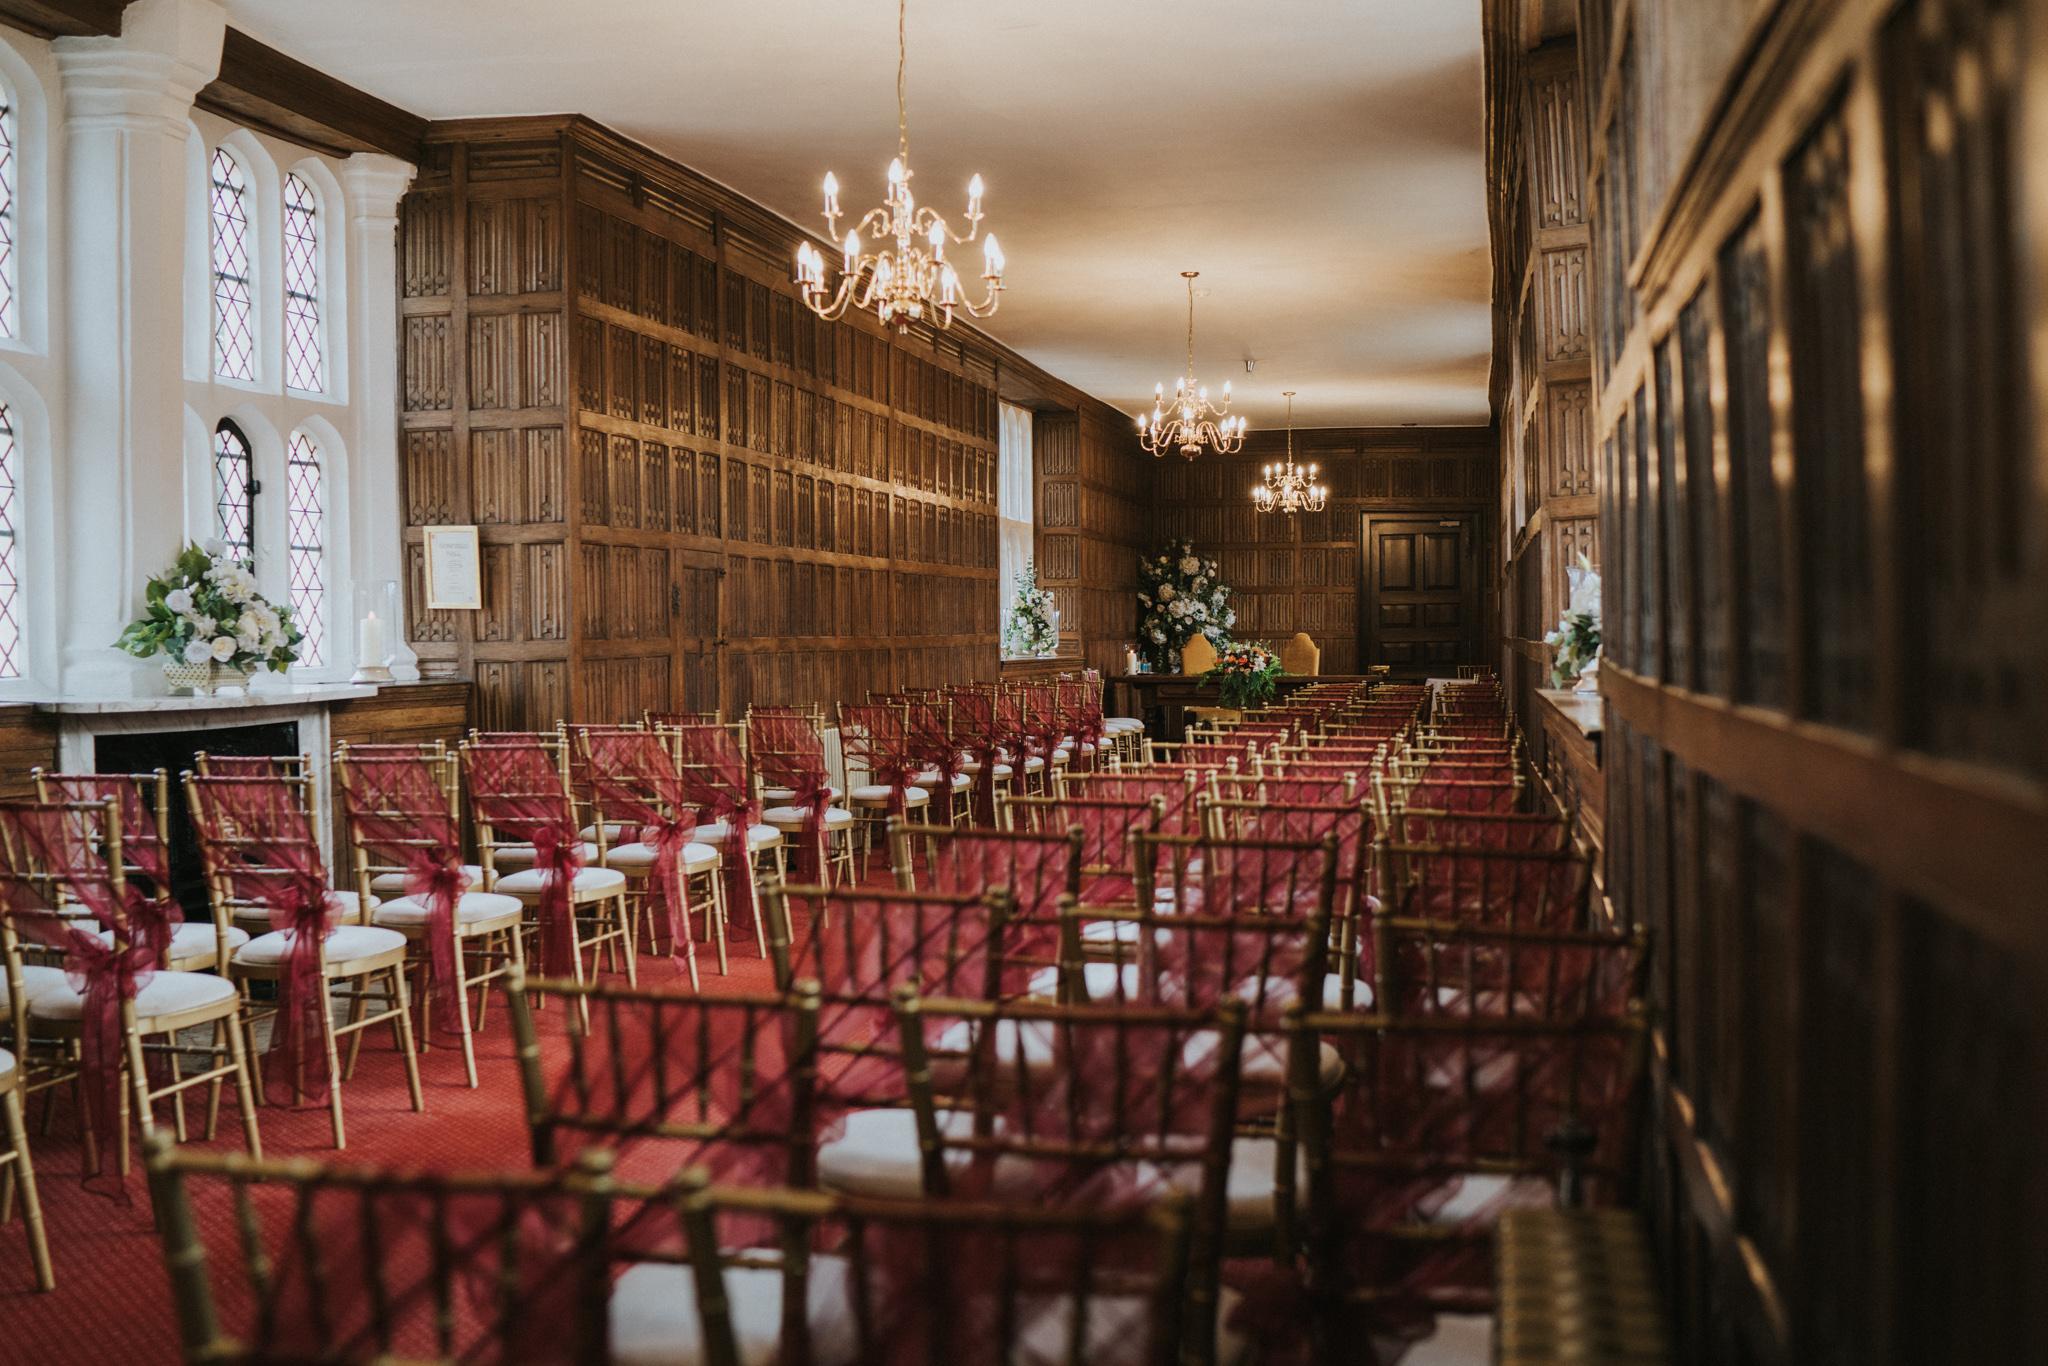 chara-neil-gosfield-hall-wedding-grace-elizabeth-colchester-essex-alternative-wedding-photographer-essex-devon-suffolk-norfolk (18 of 50).jpg